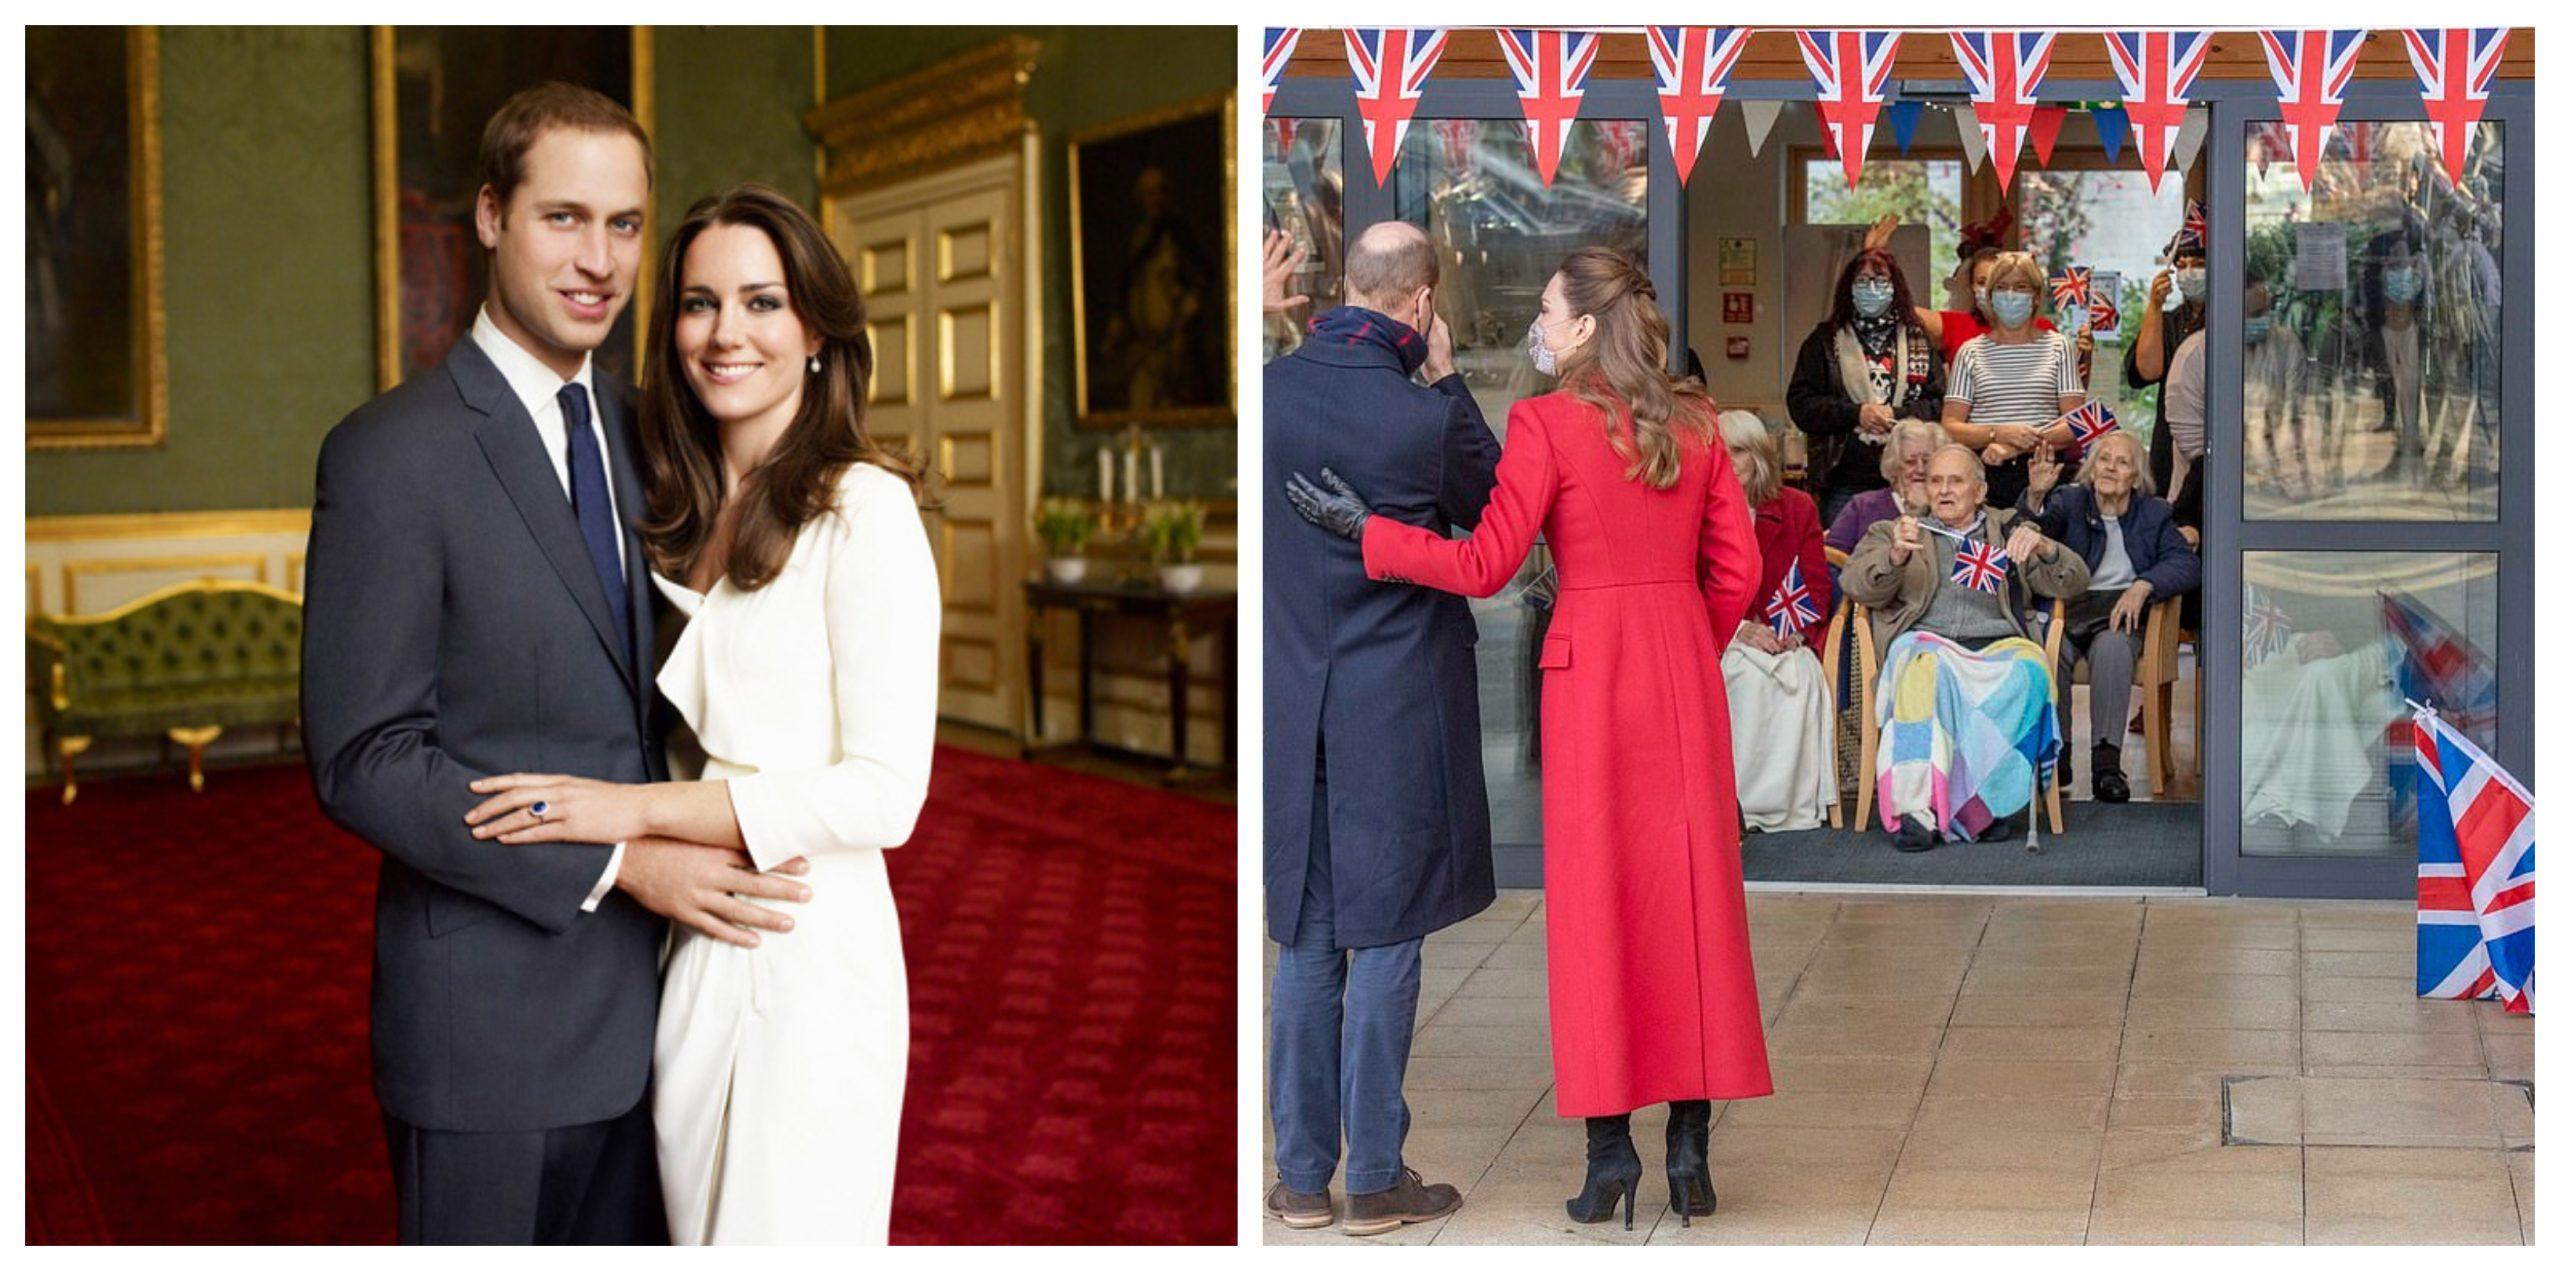 Kate Middleton și prințul William au început călătoria cu trenul. Ce surpriză le-au făcut vârstnicilor de la un azil